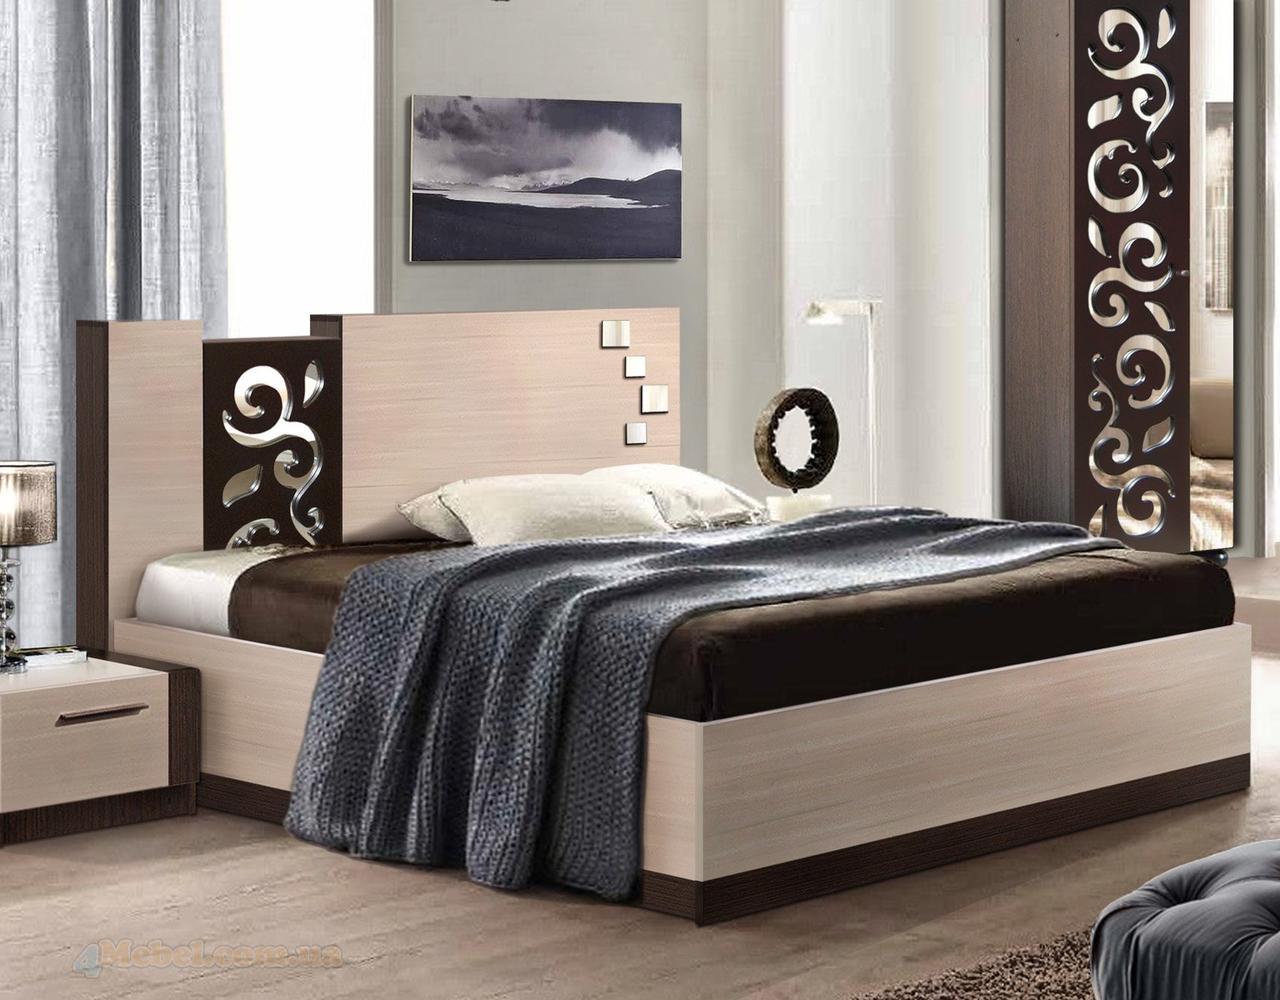 Кровать Сага 140 160 180 двуспальная